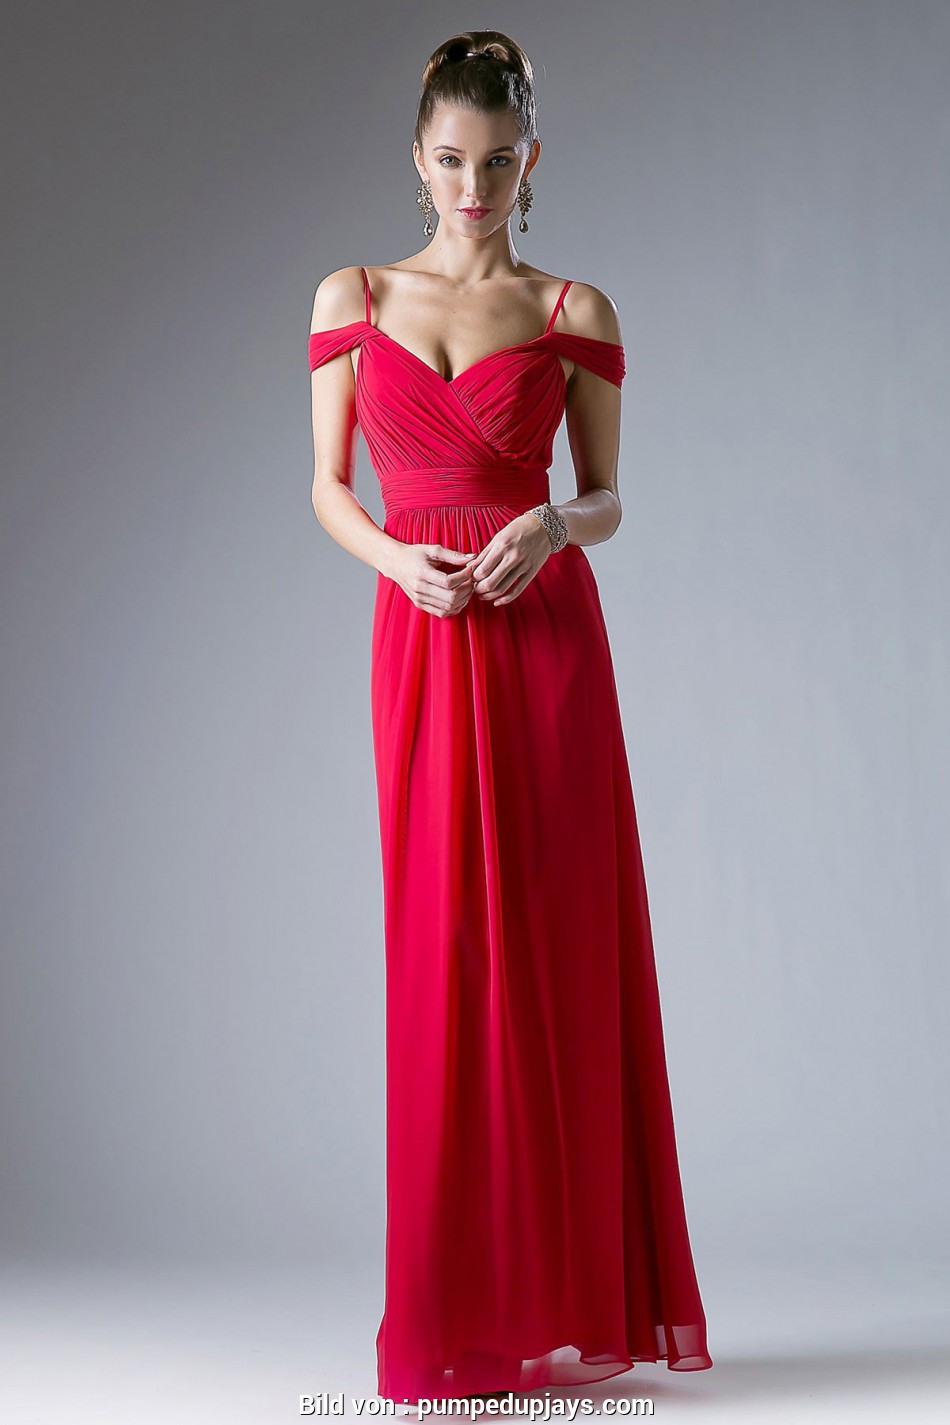 Designer Einfach Türkische Abend Kleider Design20 Luxus Türkische Abend Kleider Stylish